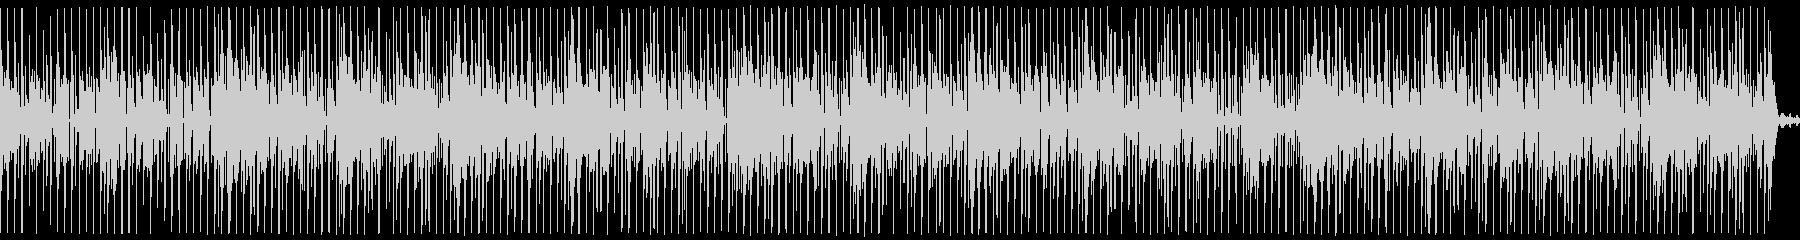 プログレッシブハウス。背景をポップ...の未再生の波形